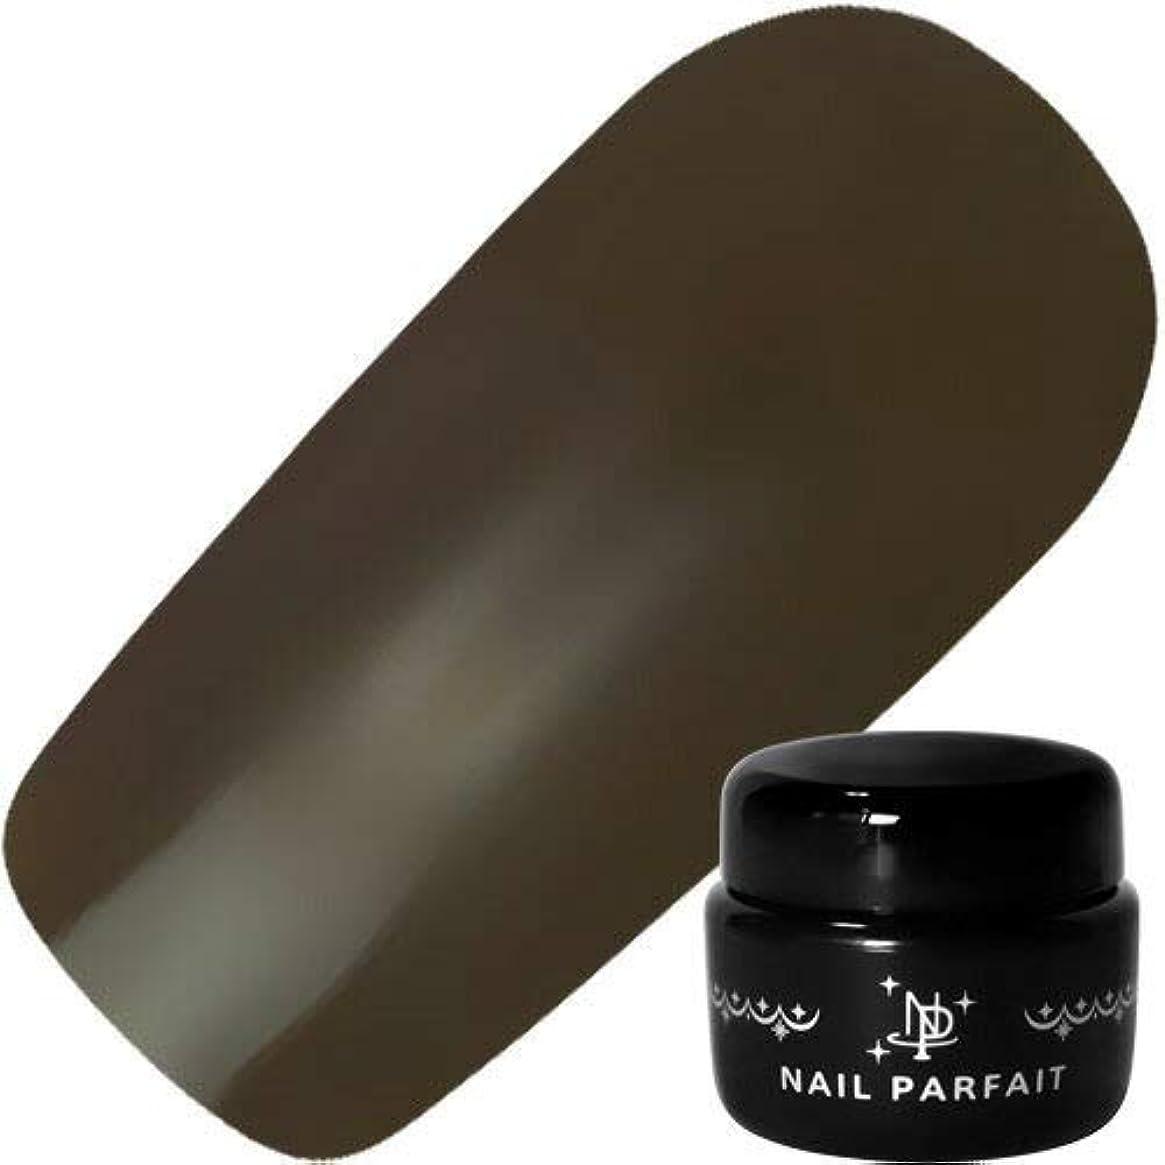 カウント注意任意NAIL PARFAIT ネイルパフェ カラージェル T02 トールブラウン 2g 【ジェル/カラージェル?ネイル用品】